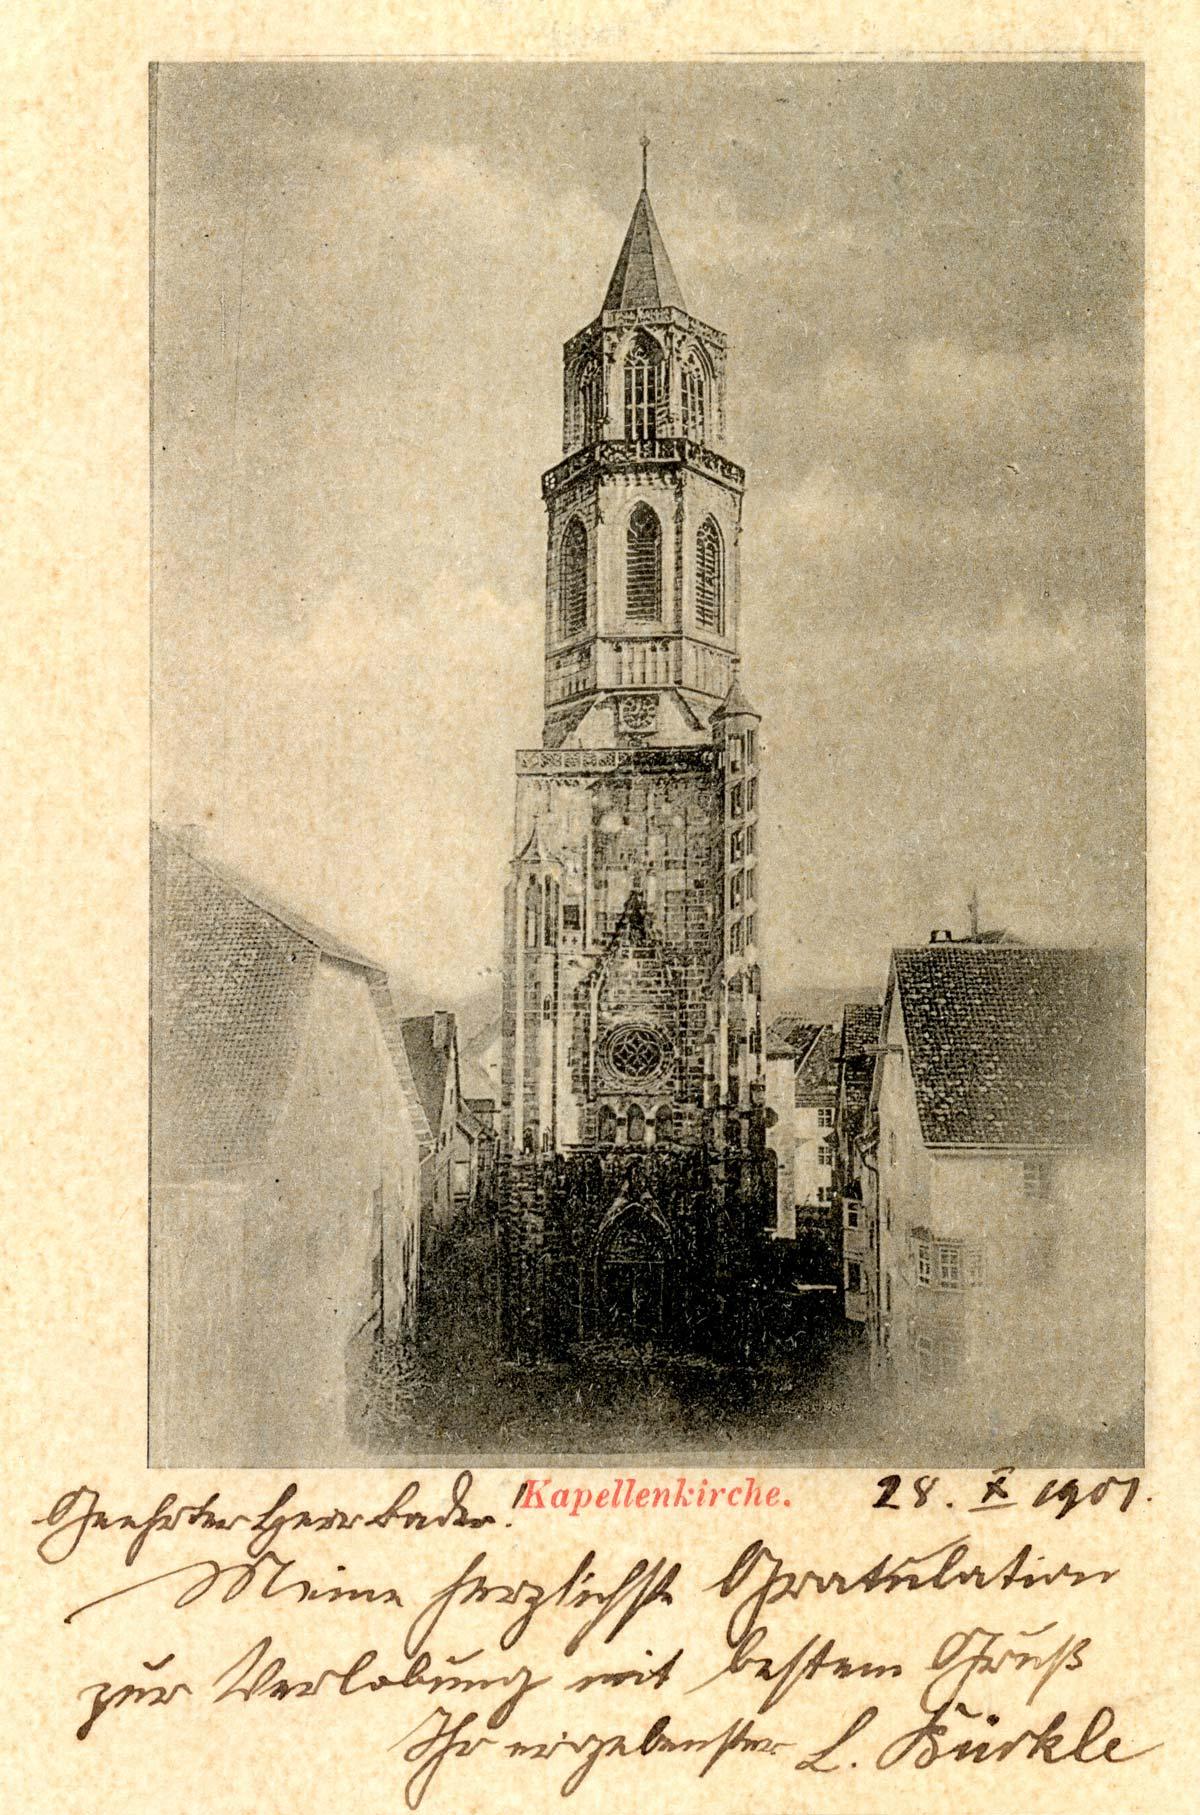 Historisches Foto der Kapellenkirche von 1907